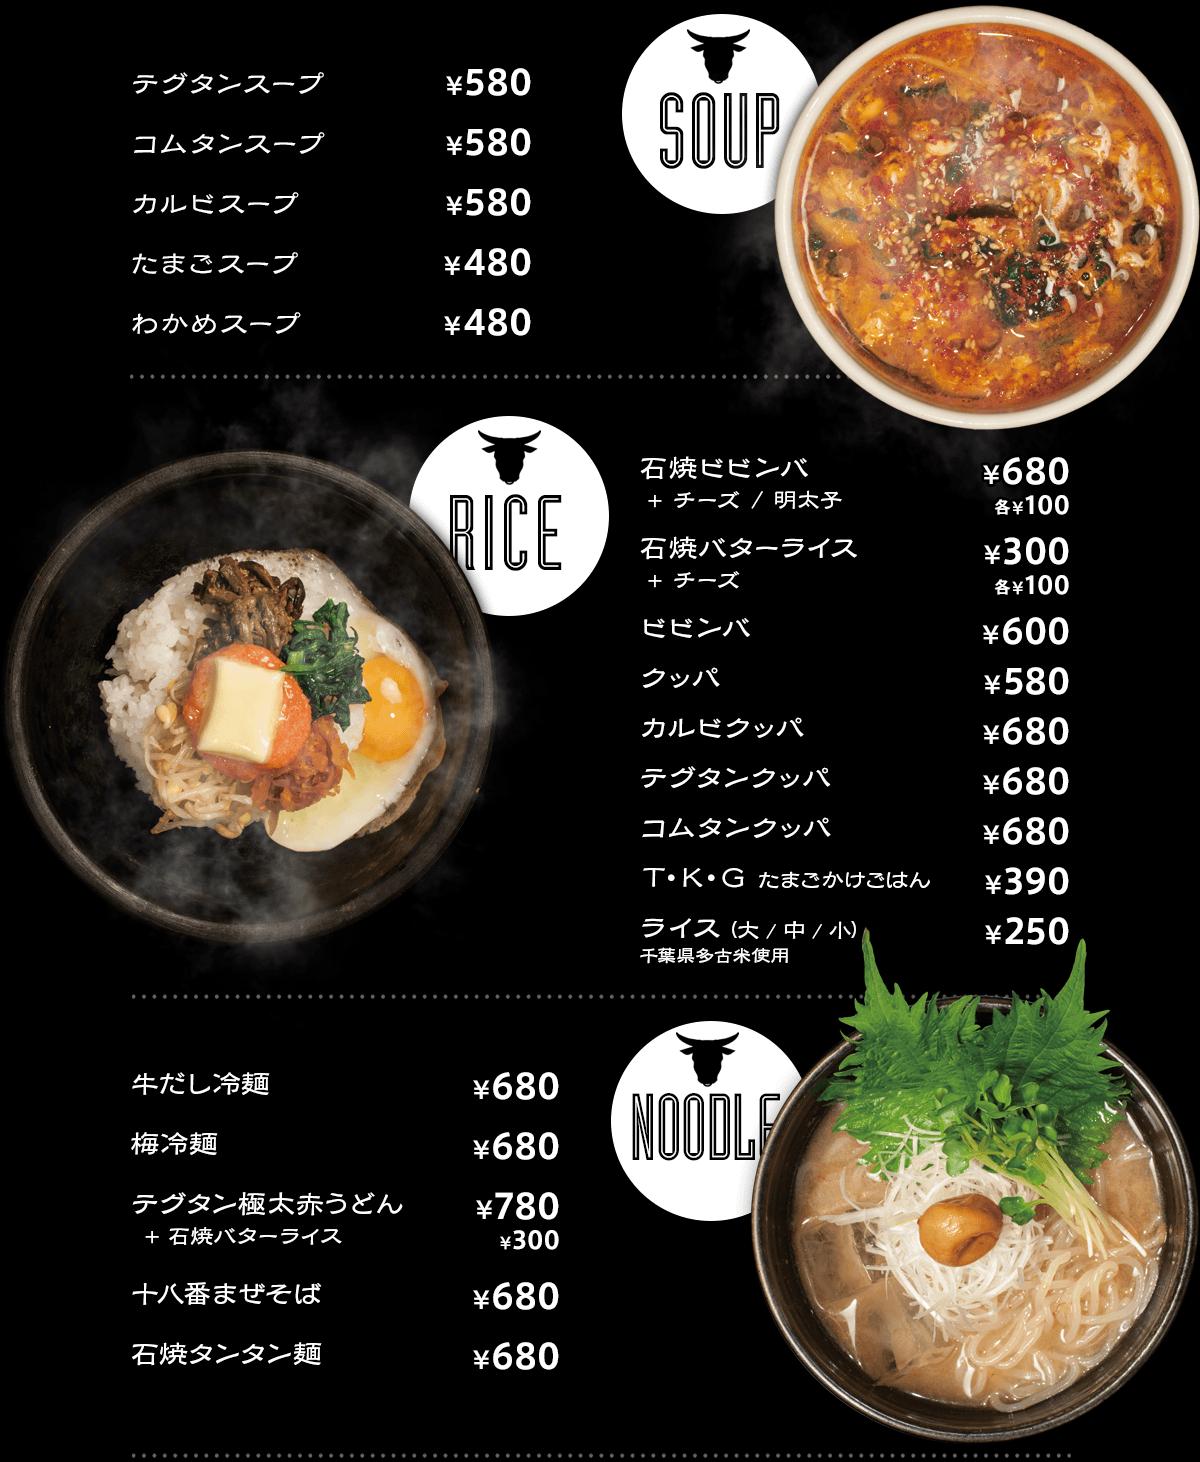 スープ類 ごはんもの 麺類